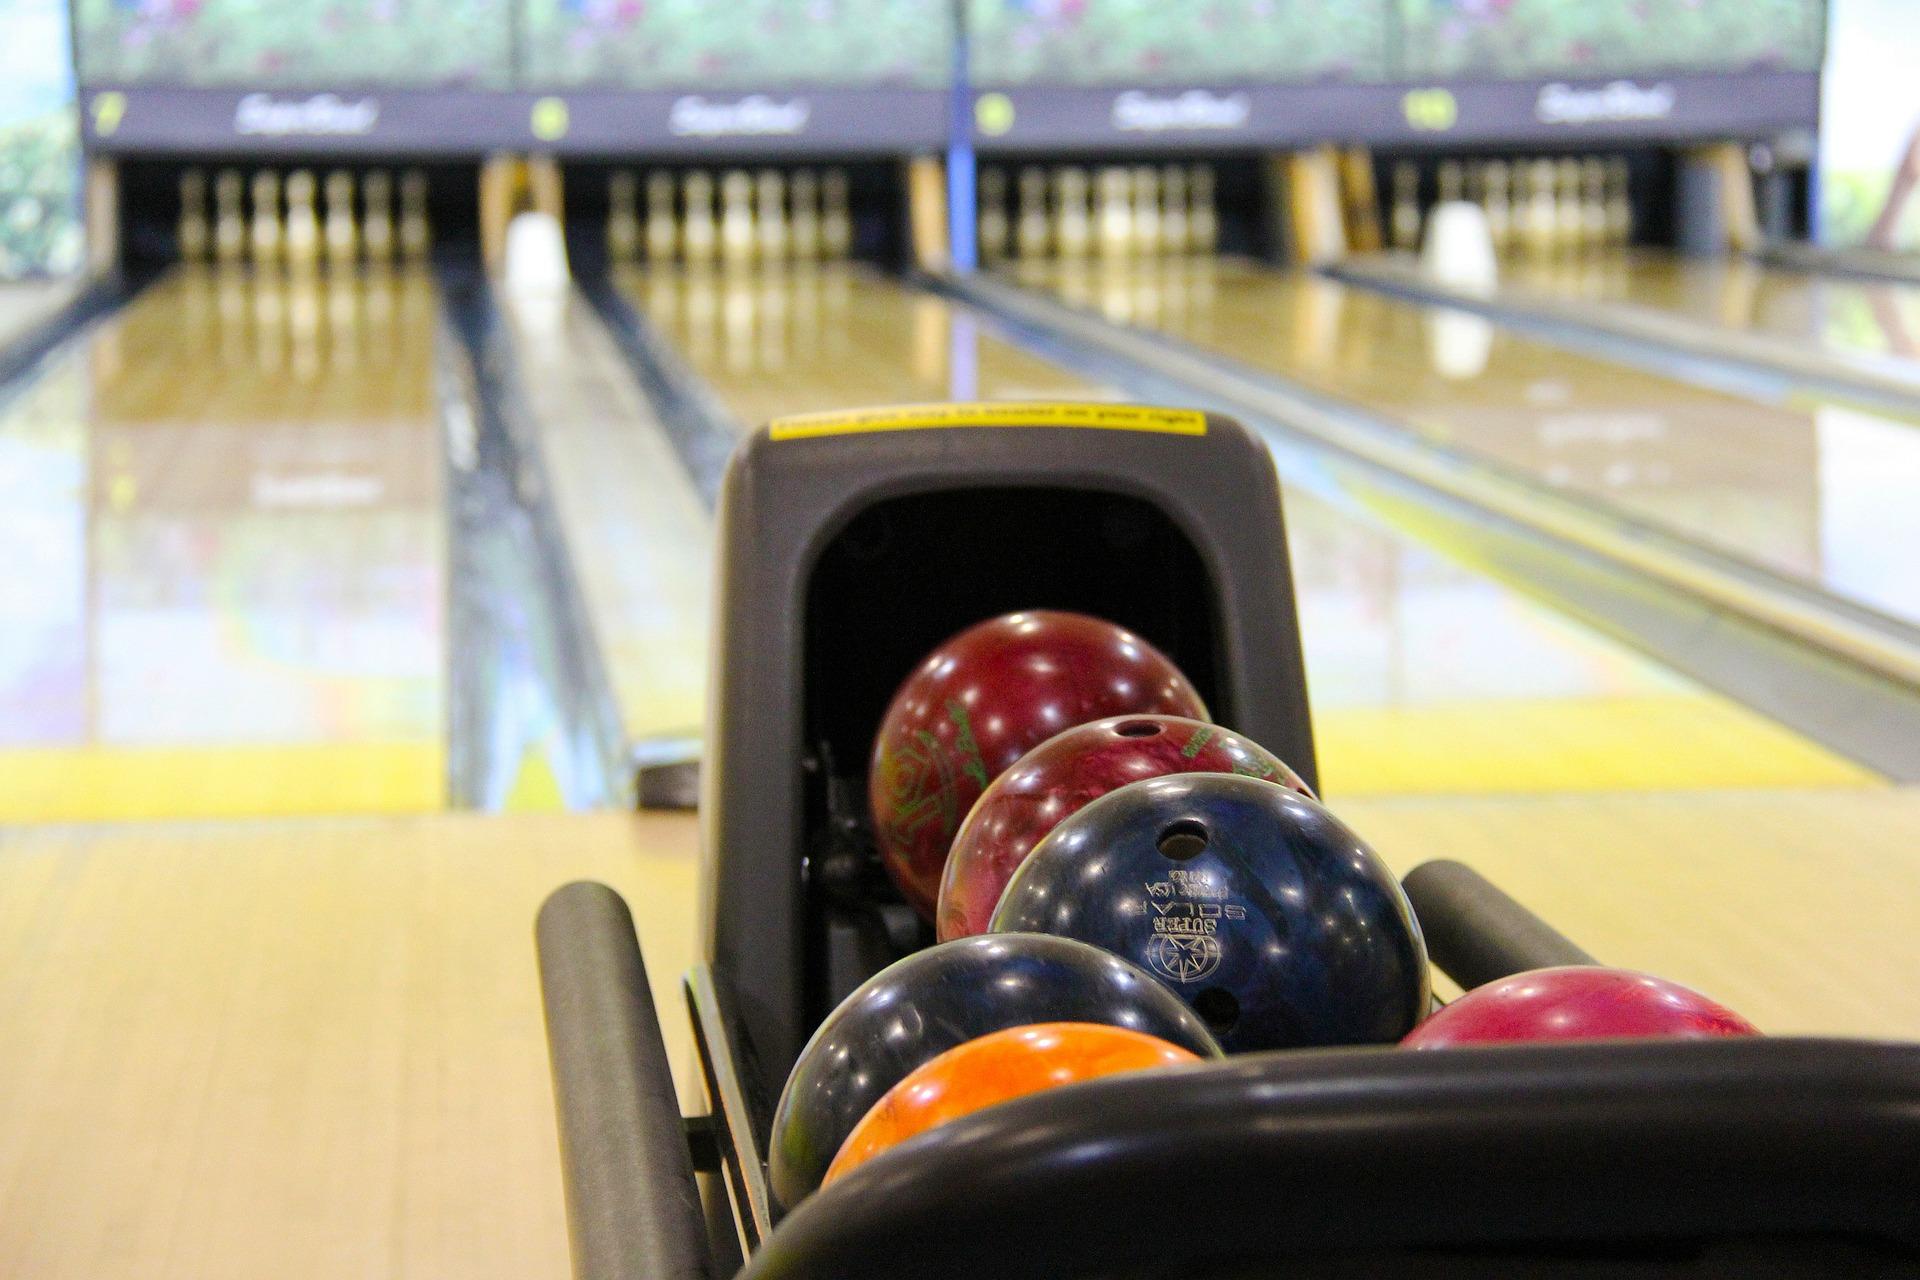 Сколько стоит одна б/у дорожка для боулинга рассказали в компании «Bowlexpert»